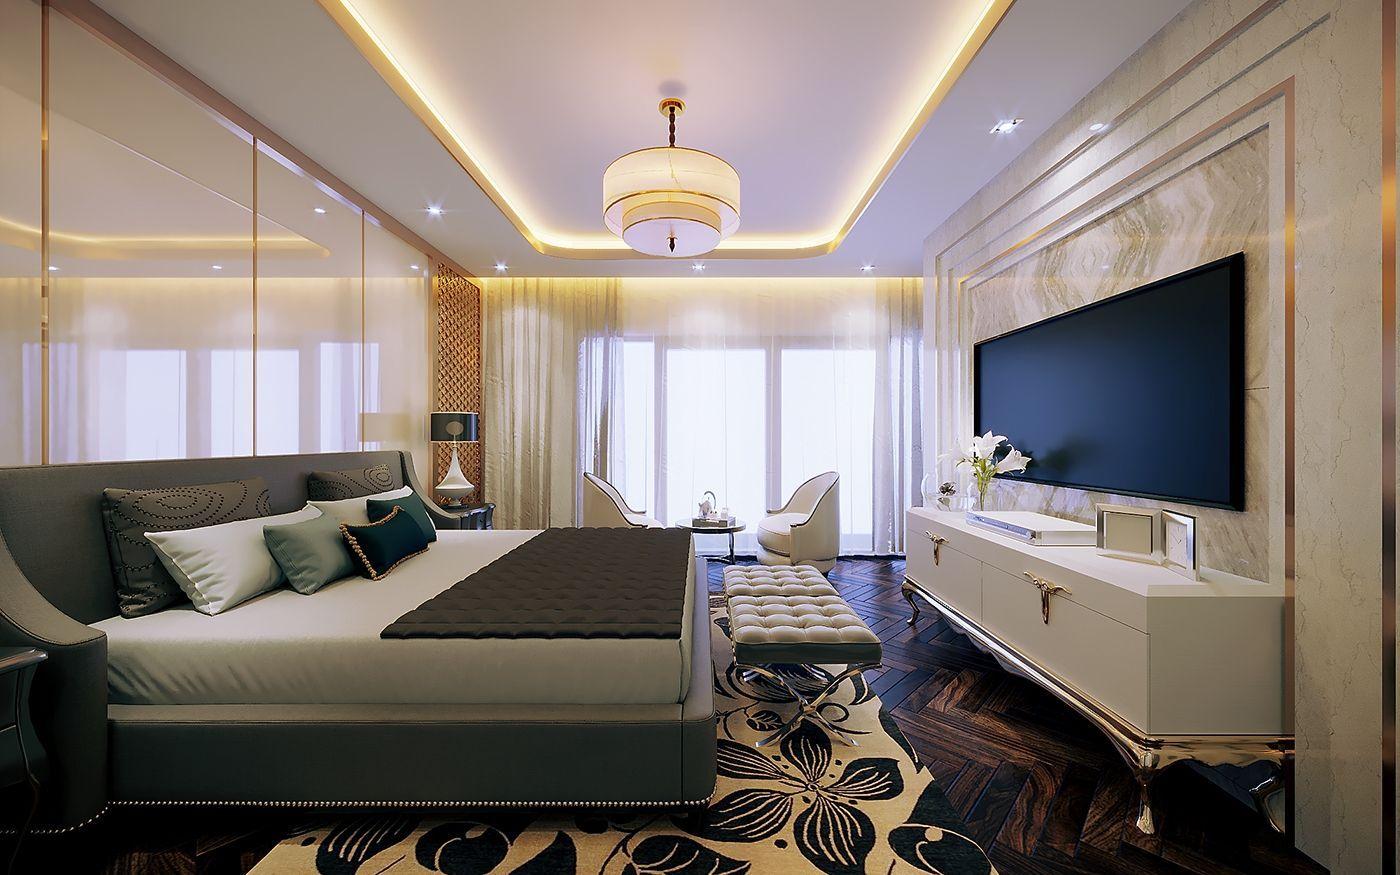 Thiết kế phòng ngủ gia chủ đẹp sang trọng tại biệt thự Vinhomes Imperia Hải Phòng